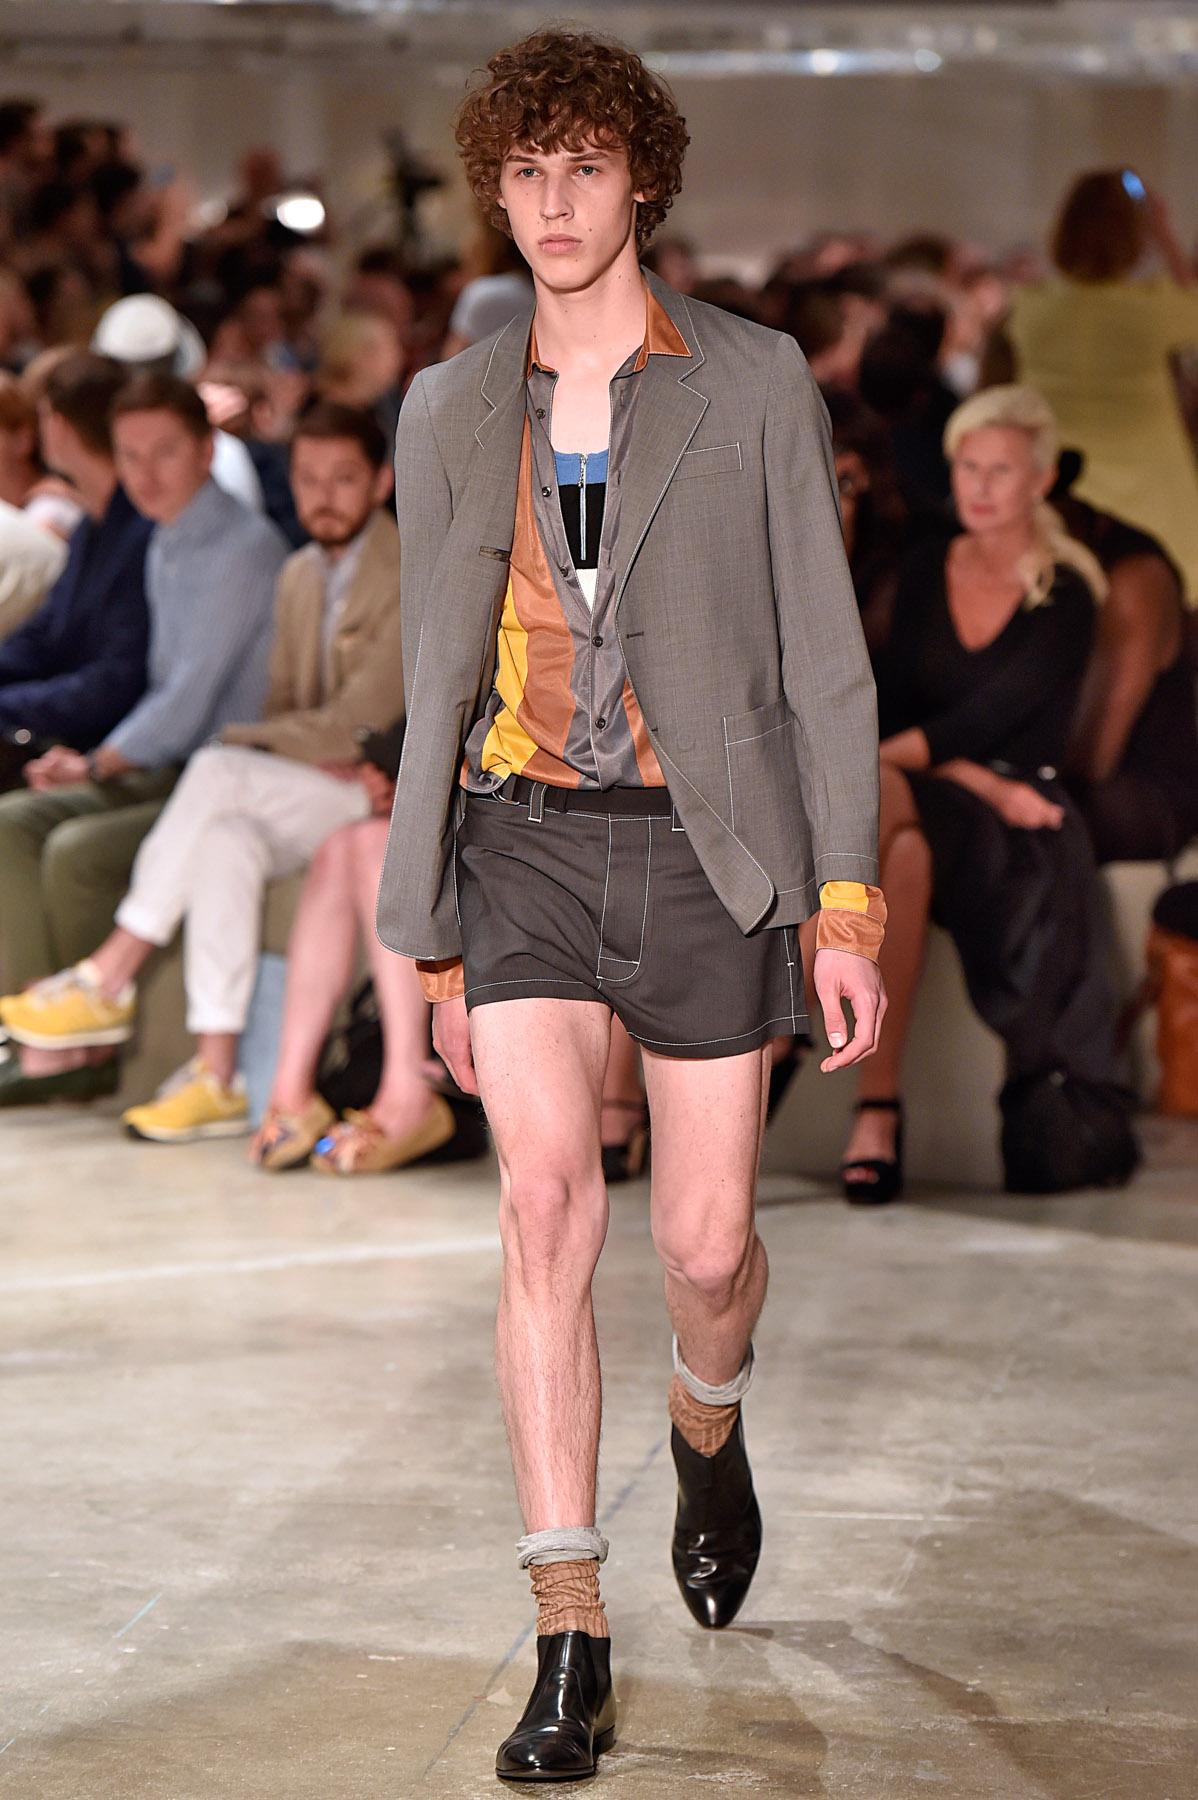 Prada Spring/Summer 2016 Menswear Collection